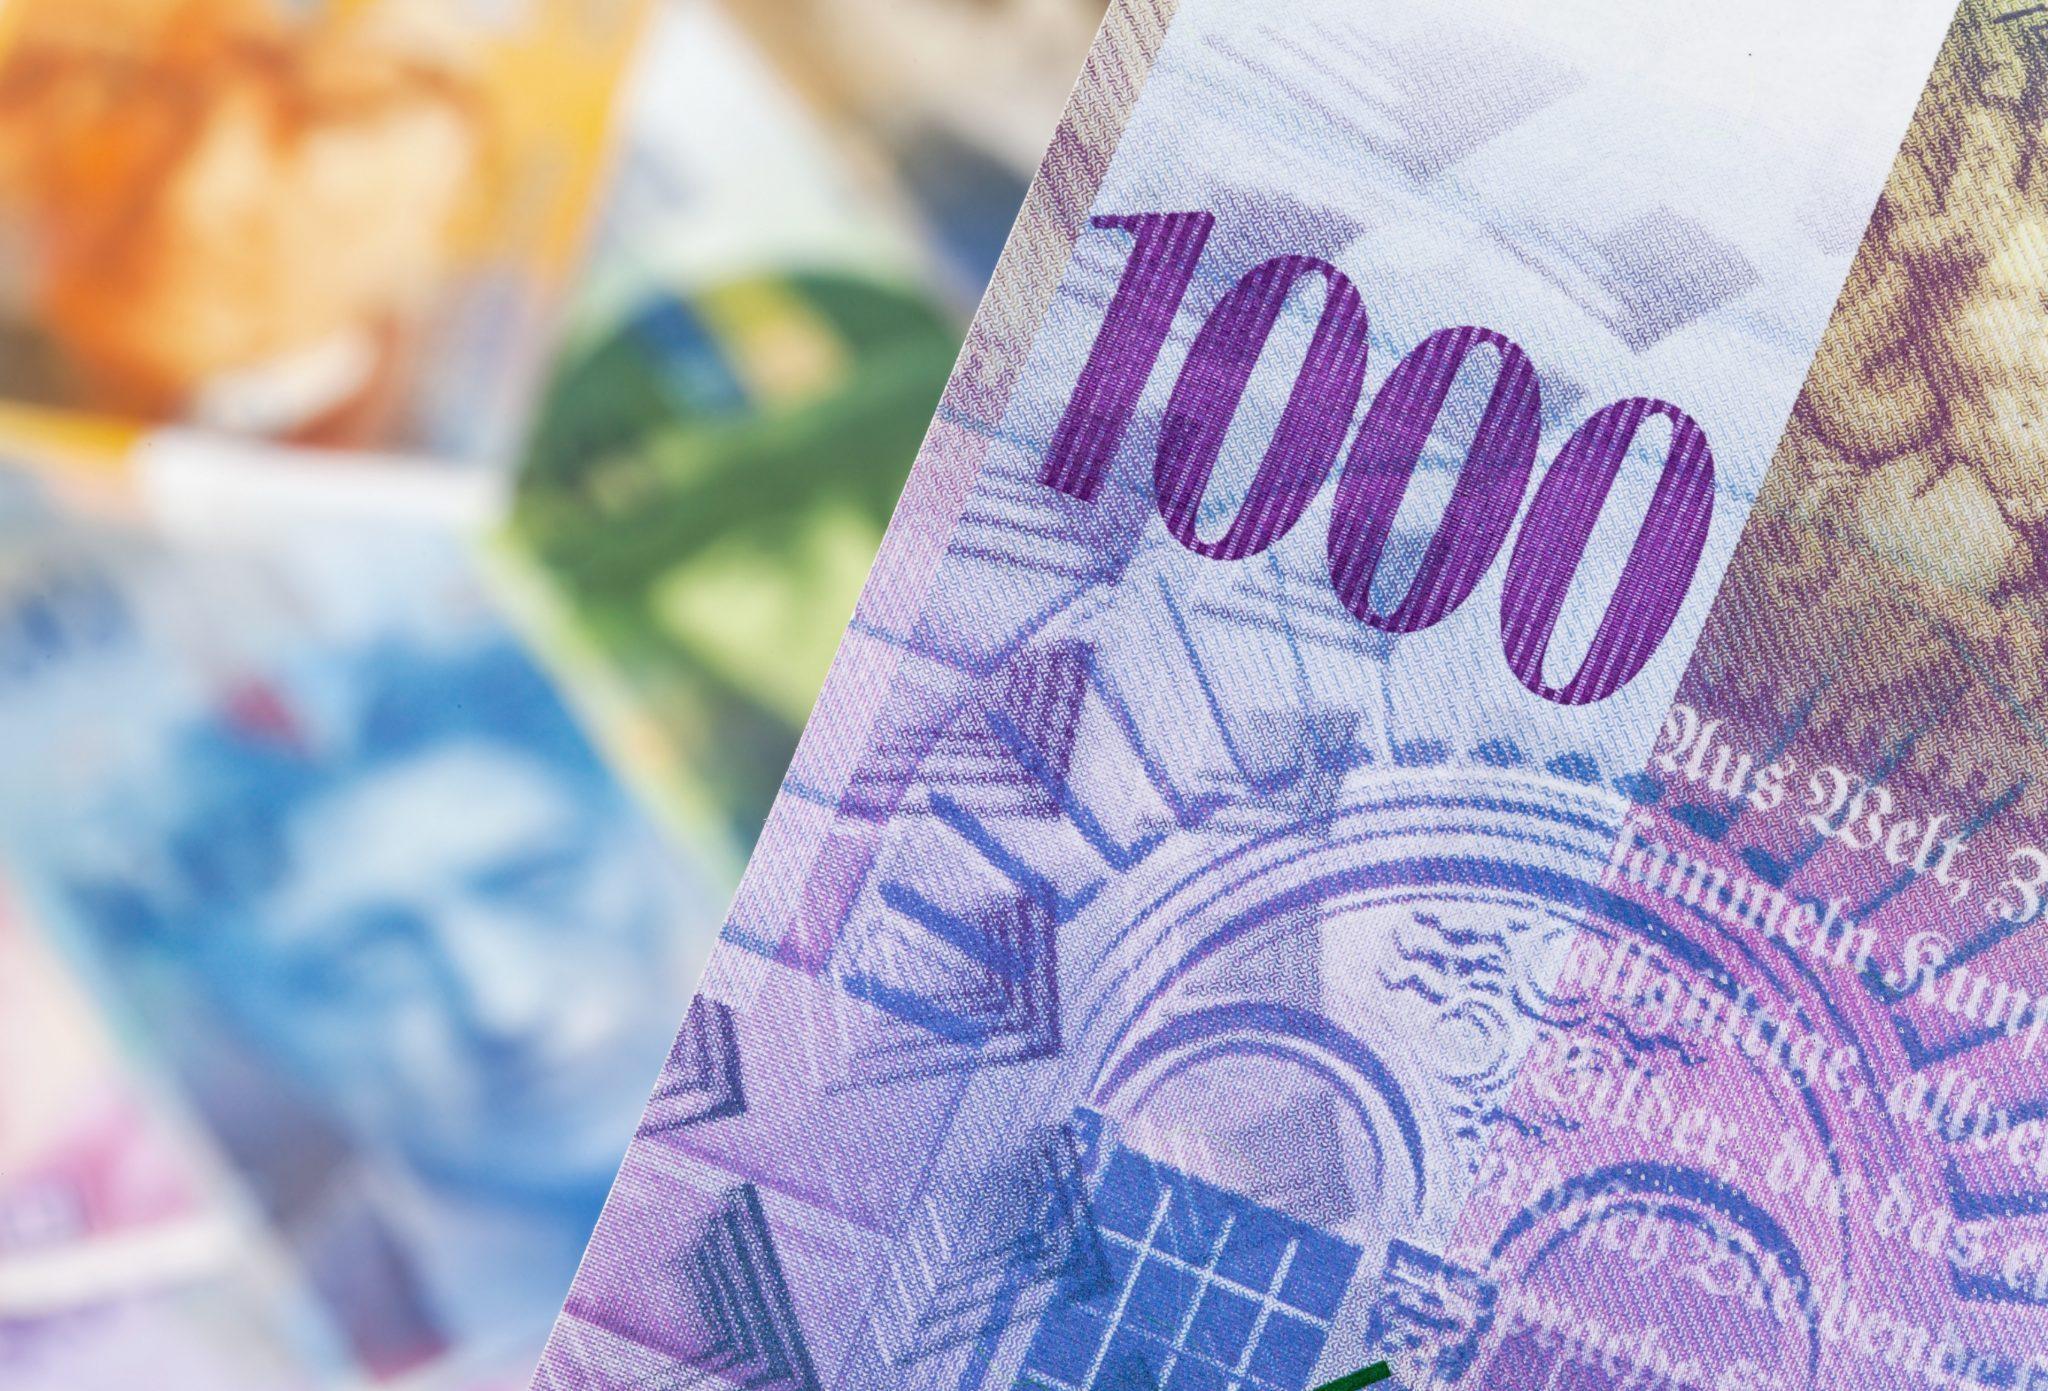 Un 2018 impegnativo per la Sezione reati economico finanziari